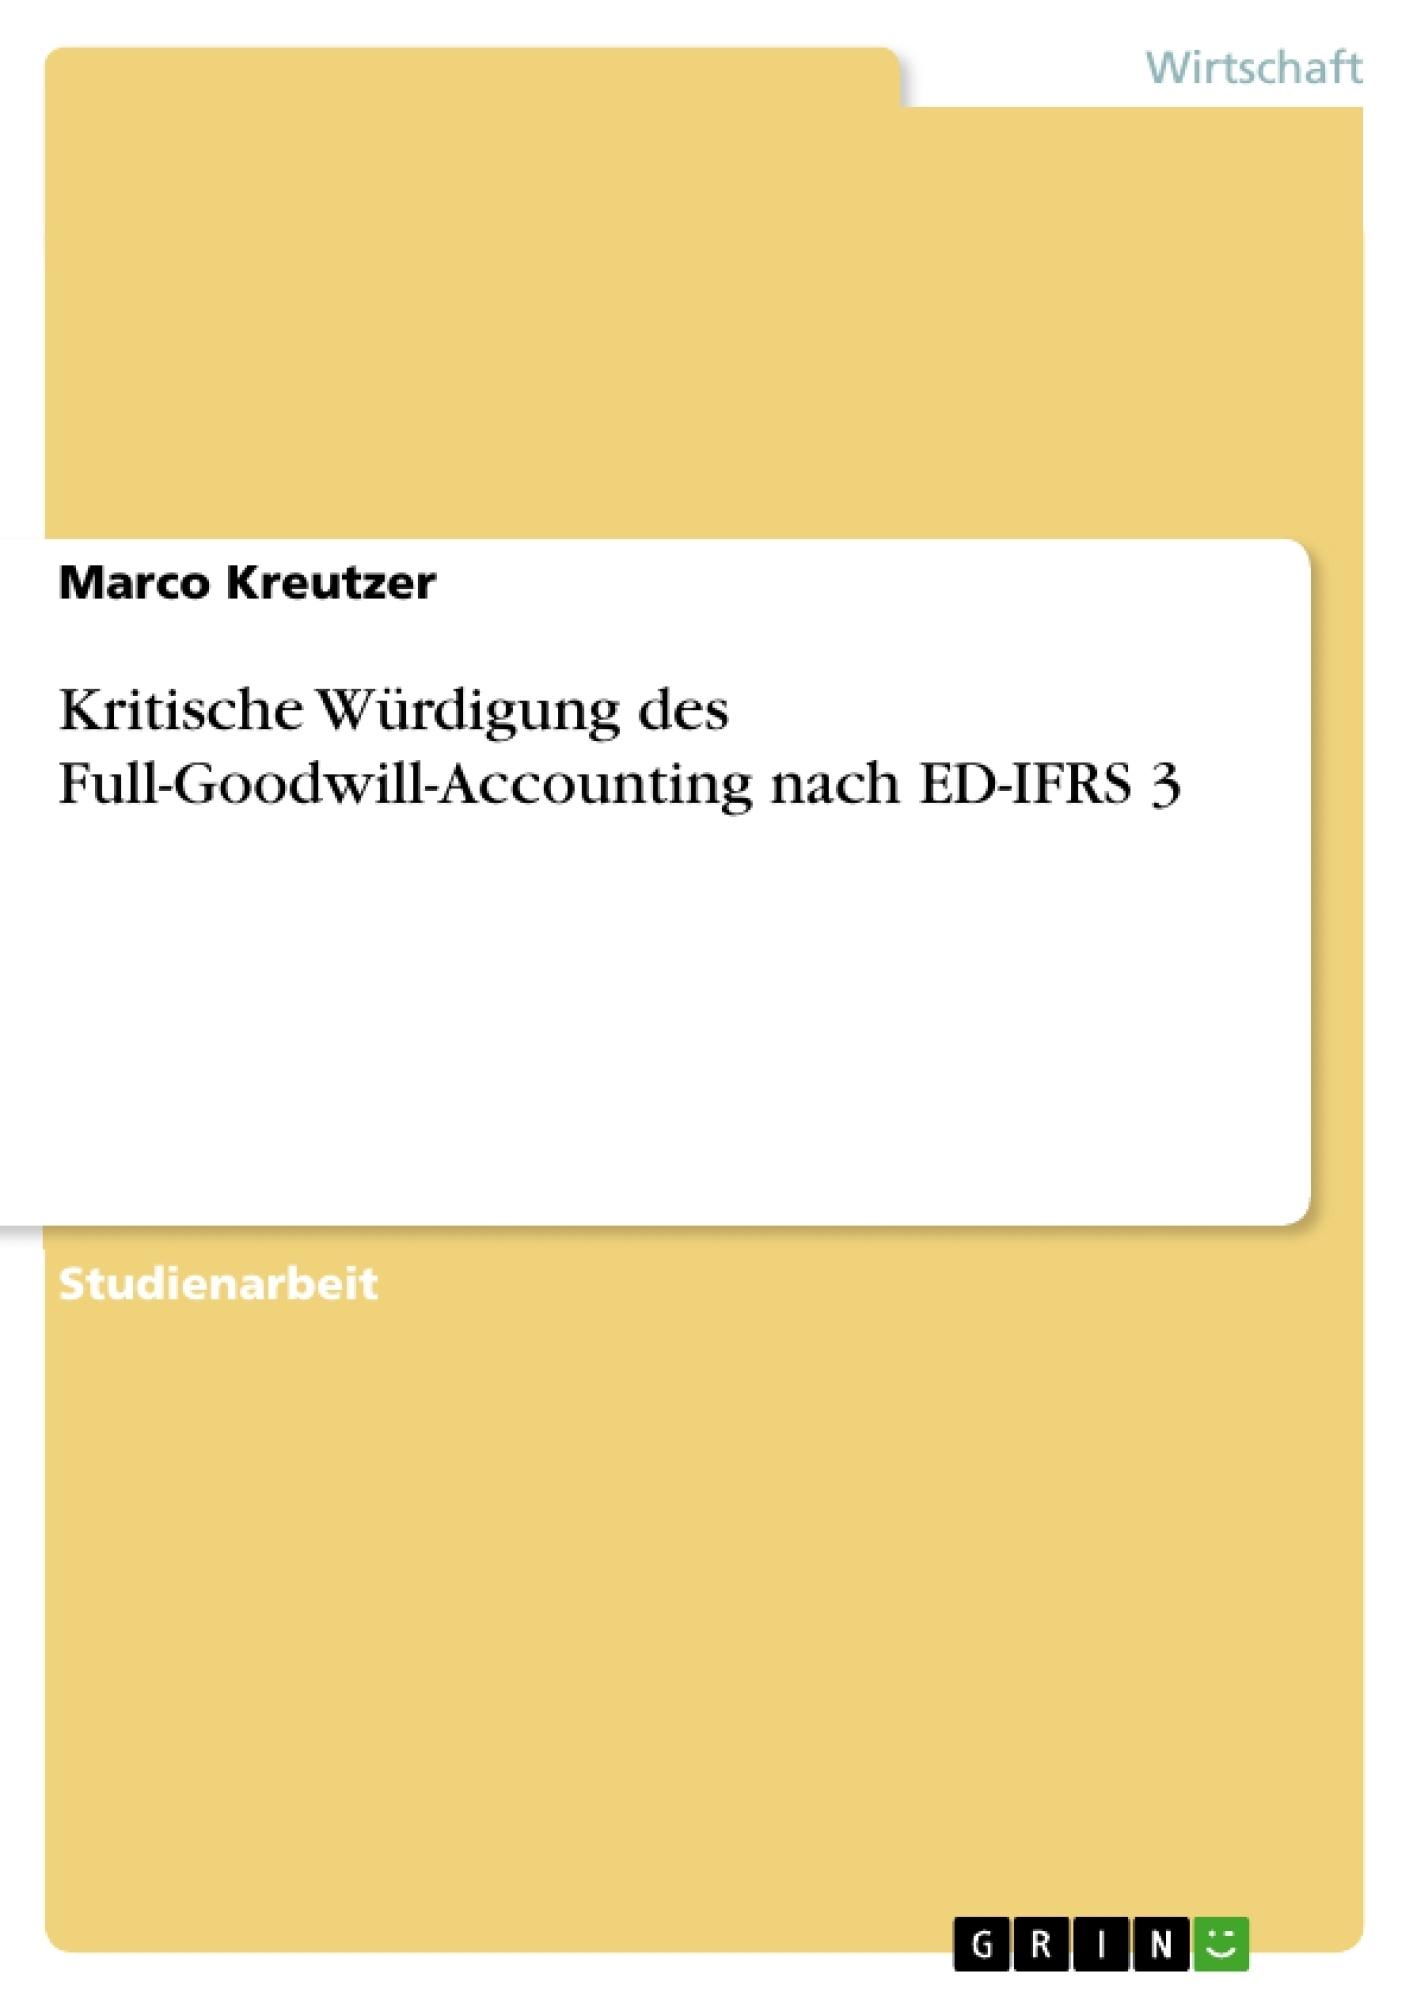 Titel: Kritische Würdigung des Full-Goodwill-Accounting nach ED-IFRS 3